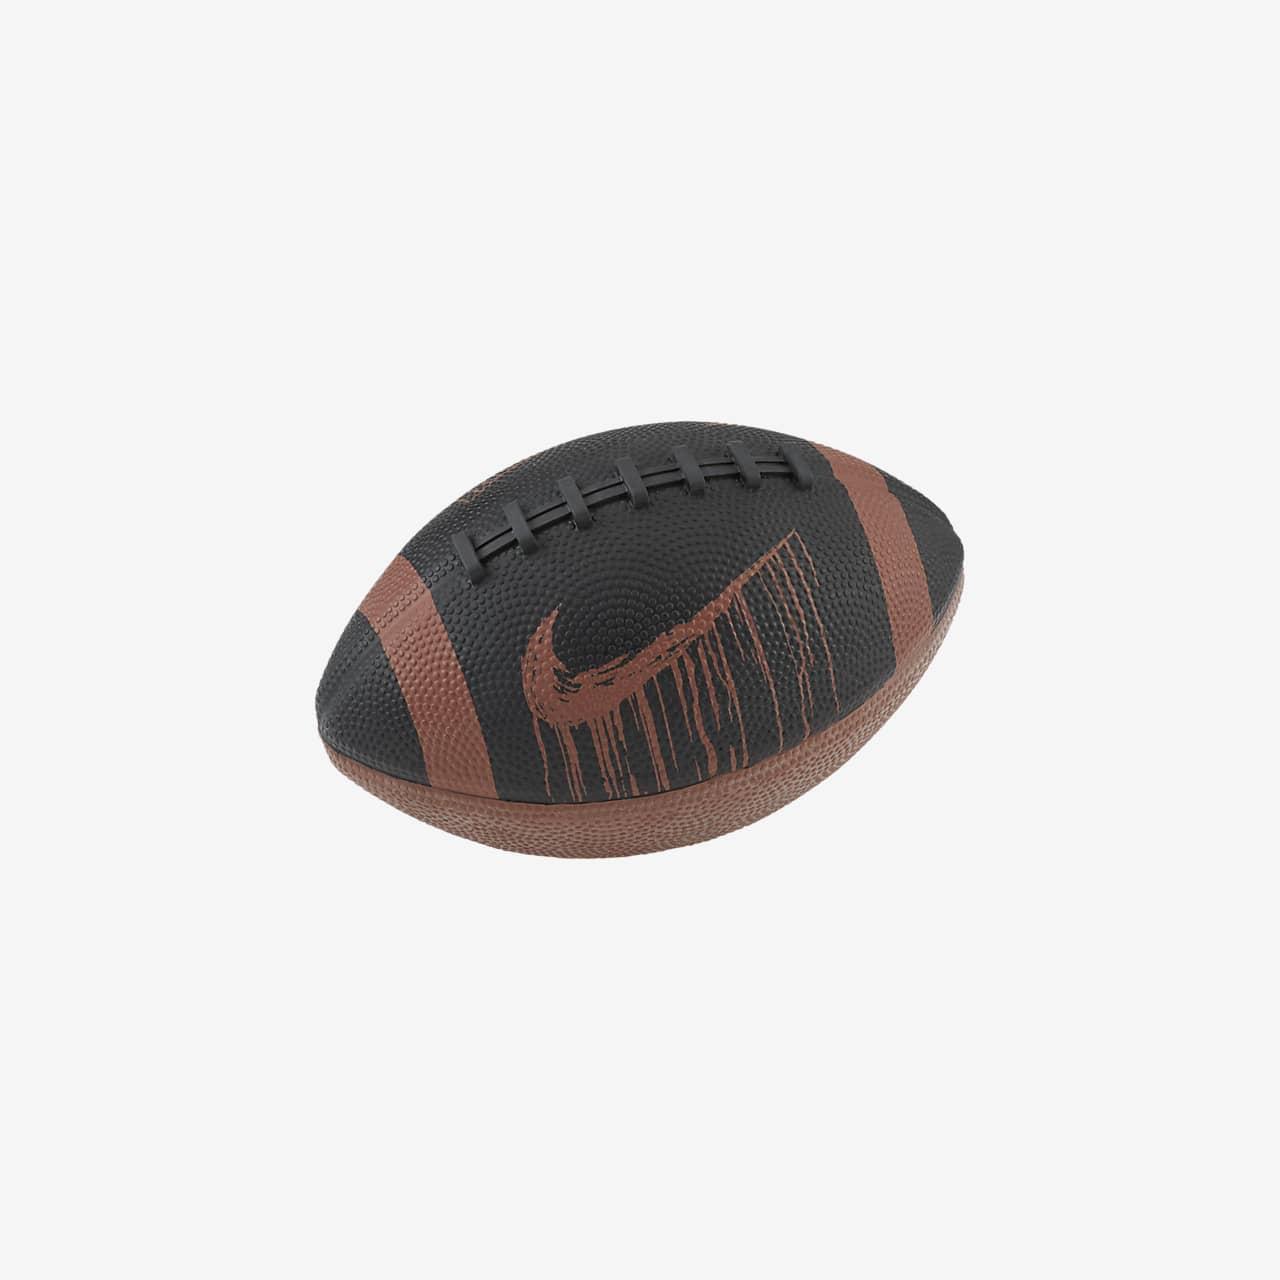 Balón de fútbol americano Nike Mini Spin